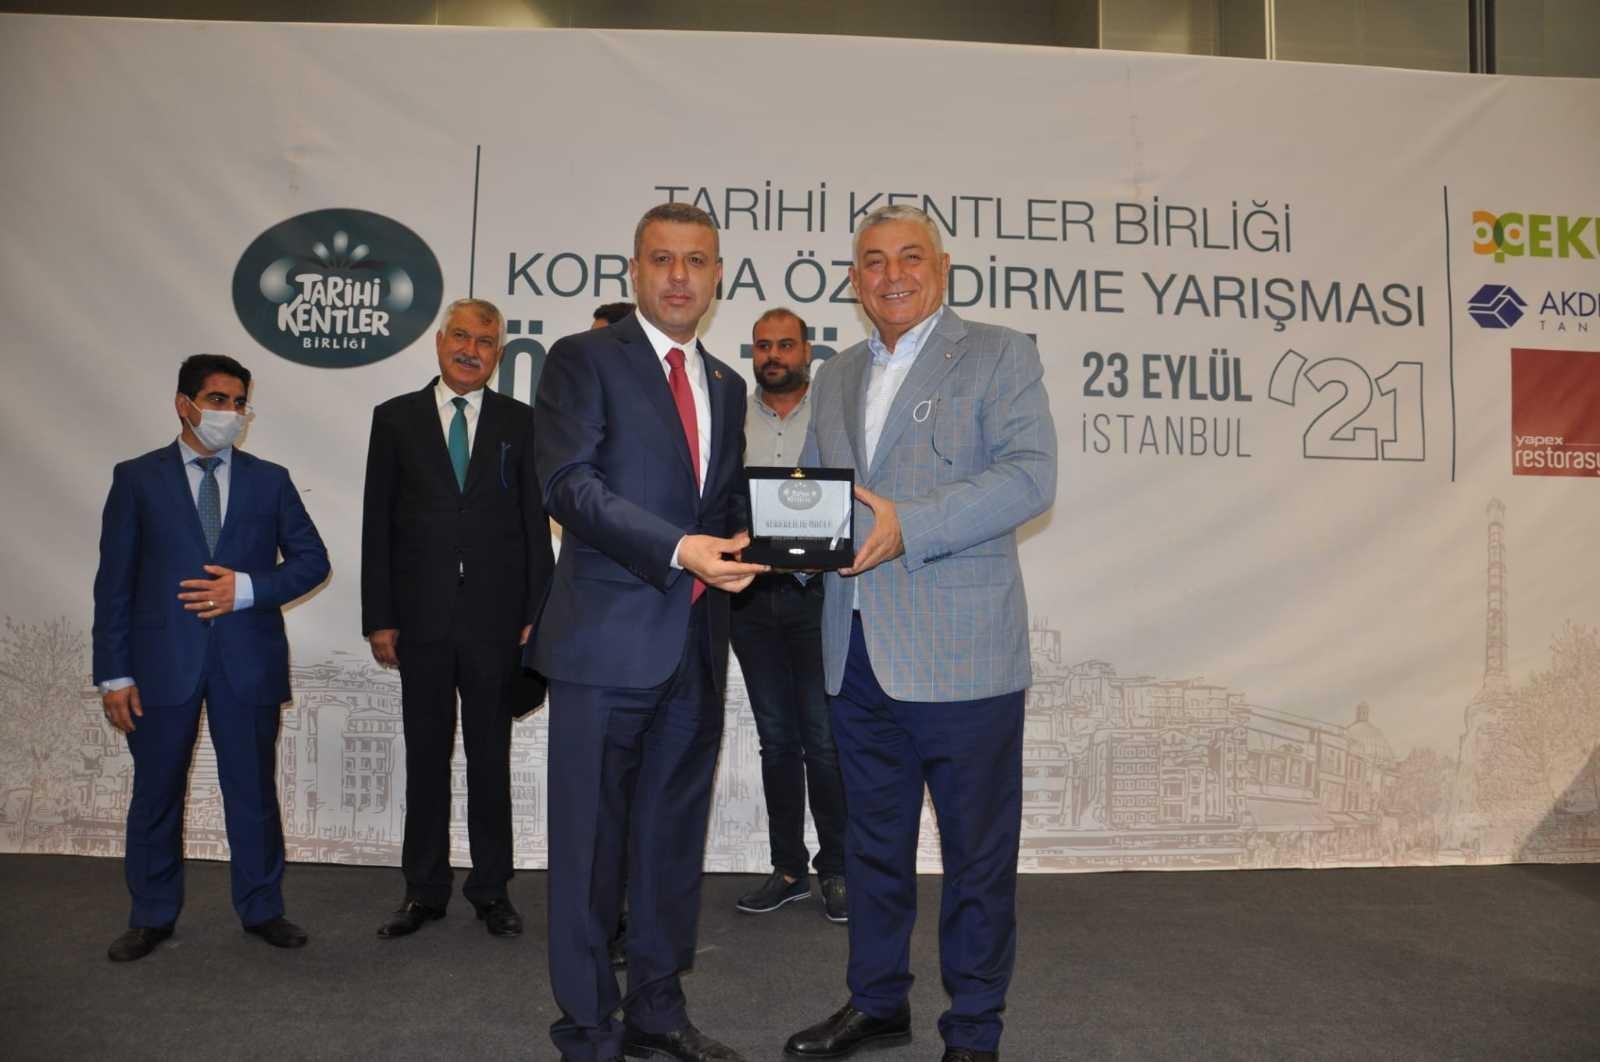 Boyabat'a Tarihi Kentler Birliği'nden 4 yılda 4 ödül